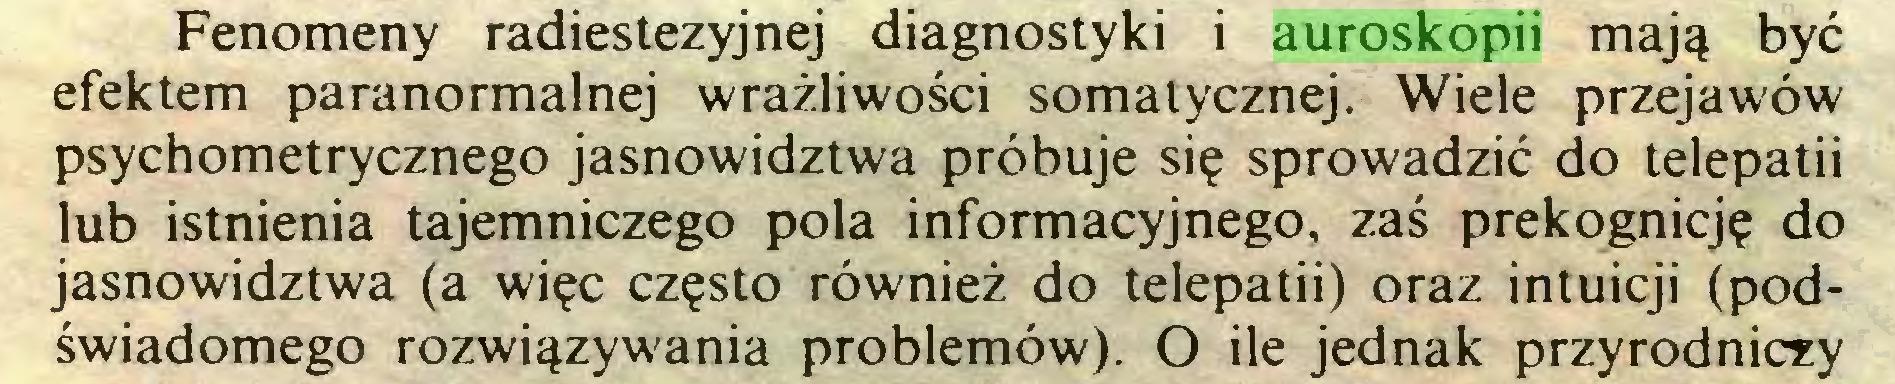 (...) Fenomeny radiestezyjnej diagnostyki i auroskopii mają być efektem paranormalnej wrażliwości somatycznej. Wiele przejawów psychometrycznego jasnowidztwa próbuje się sprowadzić do telepatii lub istnienia tajemniczego pola informacyjnego, zaś prekognicję do jasnowidztwa (a więc często również do telepatii) oraz intuicji (podświadomego rozwiązywania problemów). O ile jednak przyrodniczy...